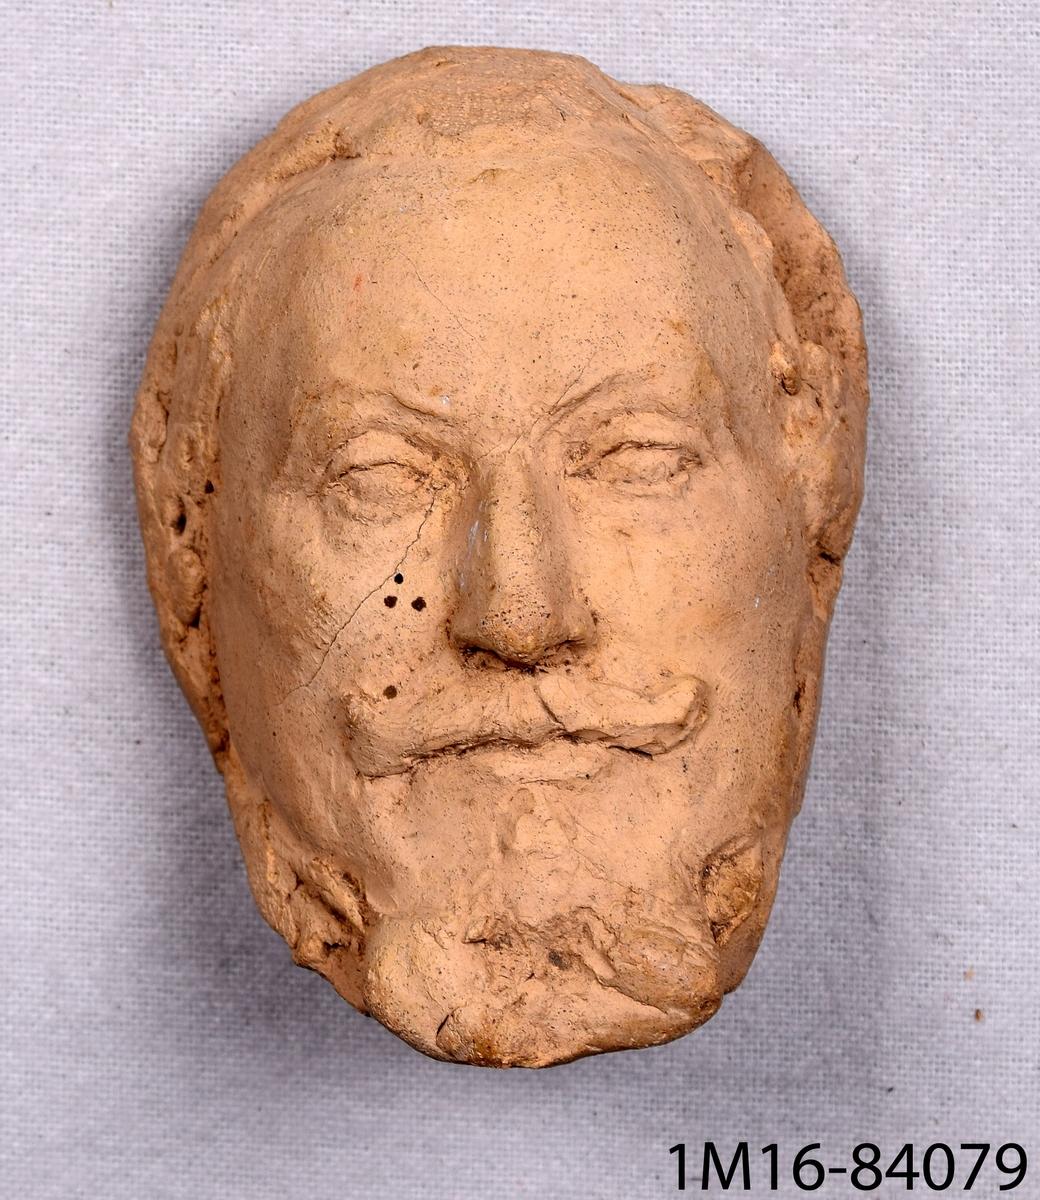 Modellerat ansikte av bränd lera, porträttet föreställer Axel Oxenstierna. Tillverkat av Hans Hagberg, Lidköping.